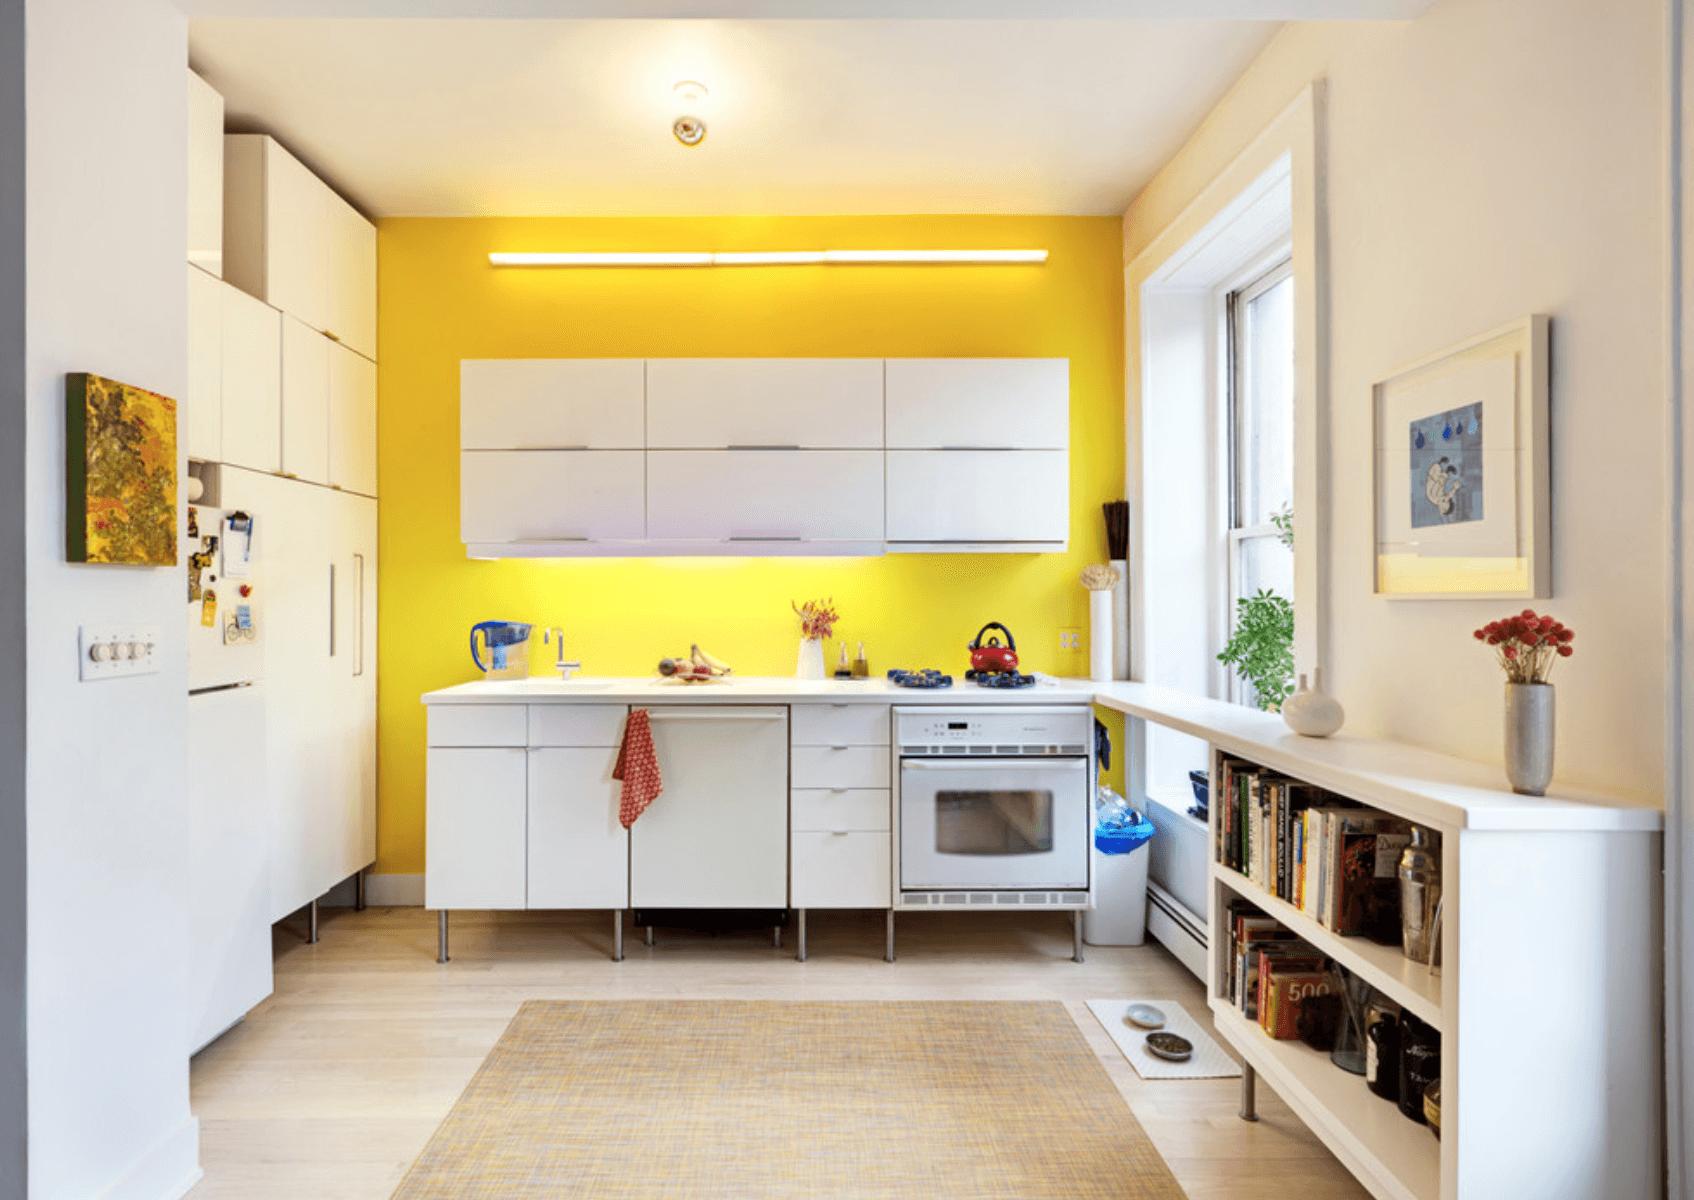 Дизайн кухни в оттенках желтого цвета. Фото 3